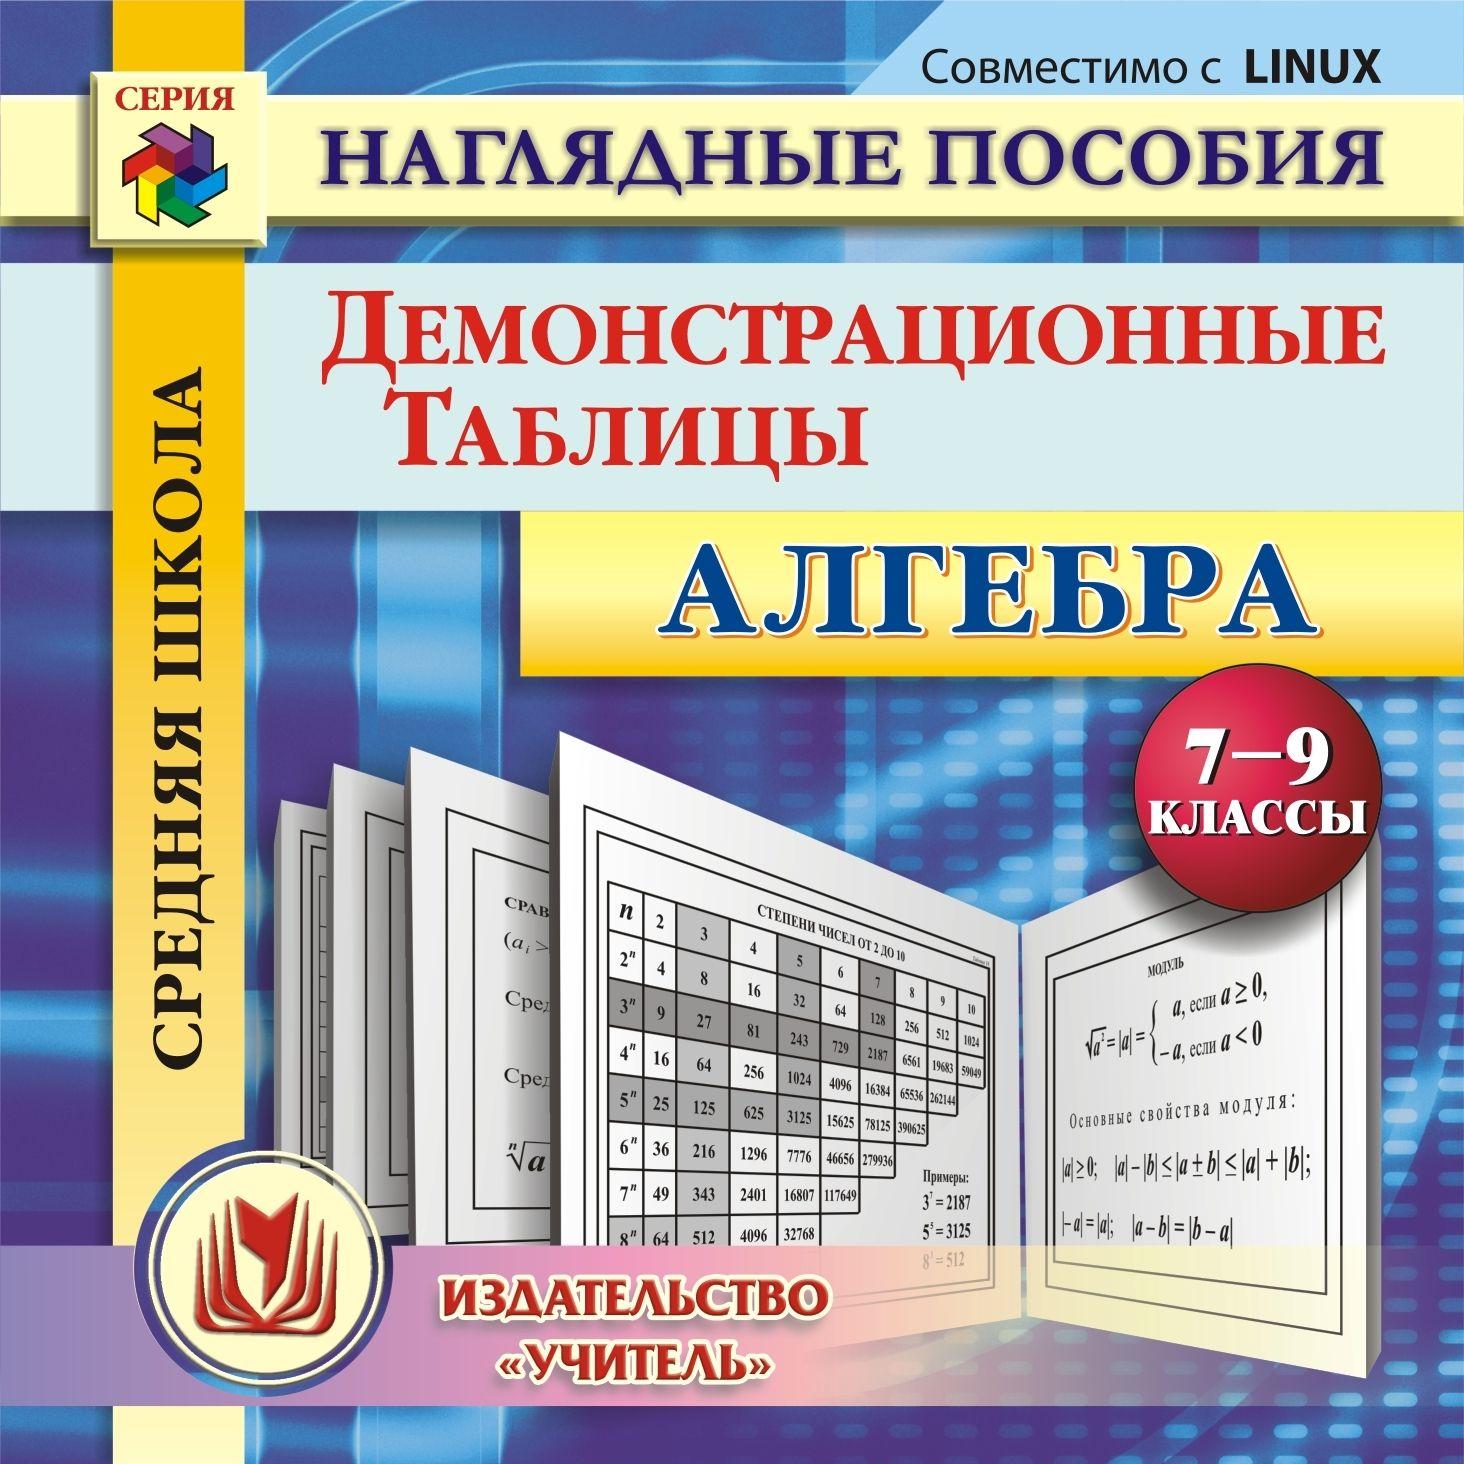 Алгебра. 7-9 классы. Демонстрационные таблицы. Компакт-диск для компьютера